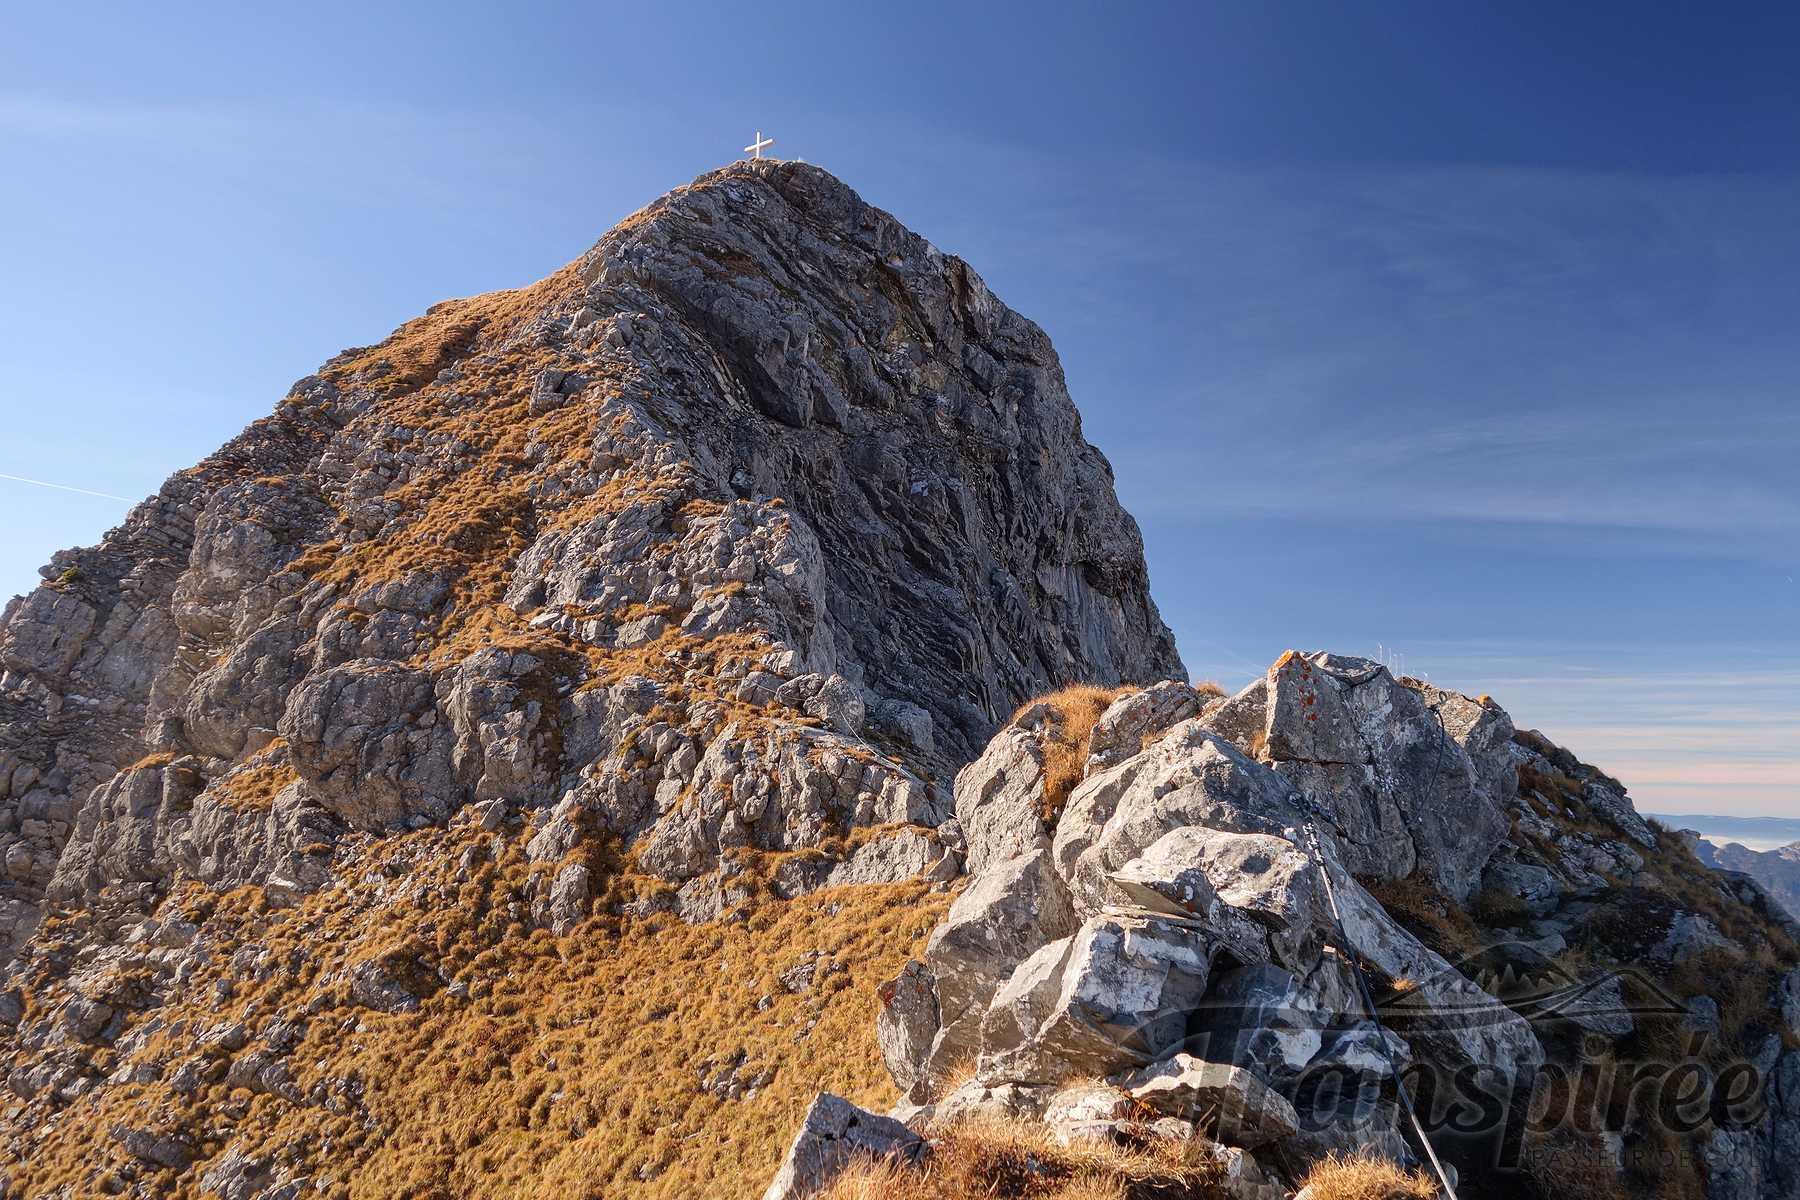 Randonnée aux Hauts Forts depuis Prodains (Avoriaz). Retour par le Col du Pic à Talon et Morzinette